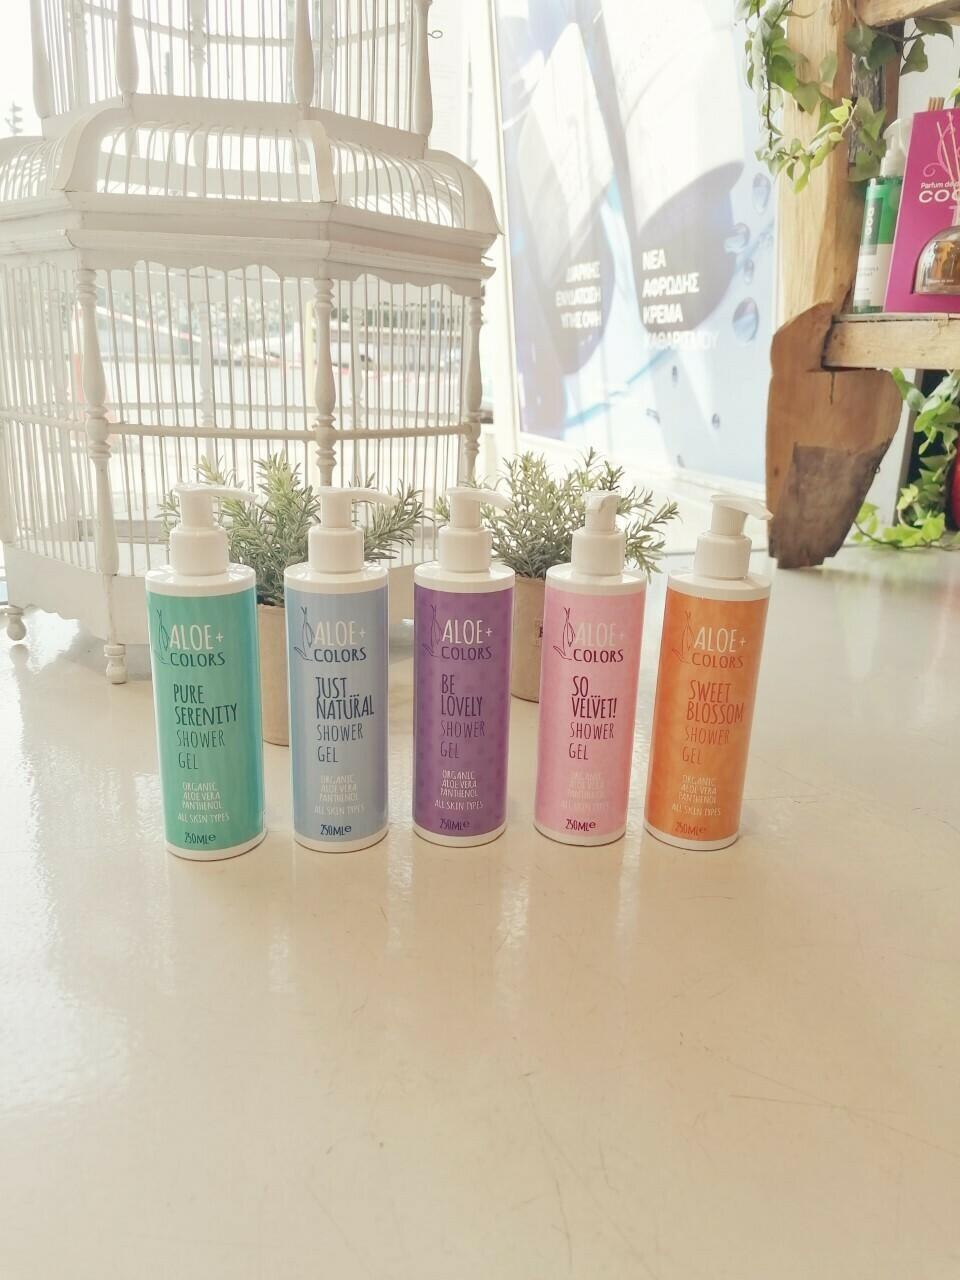 Aloe+Colors Shower Gel 250ml